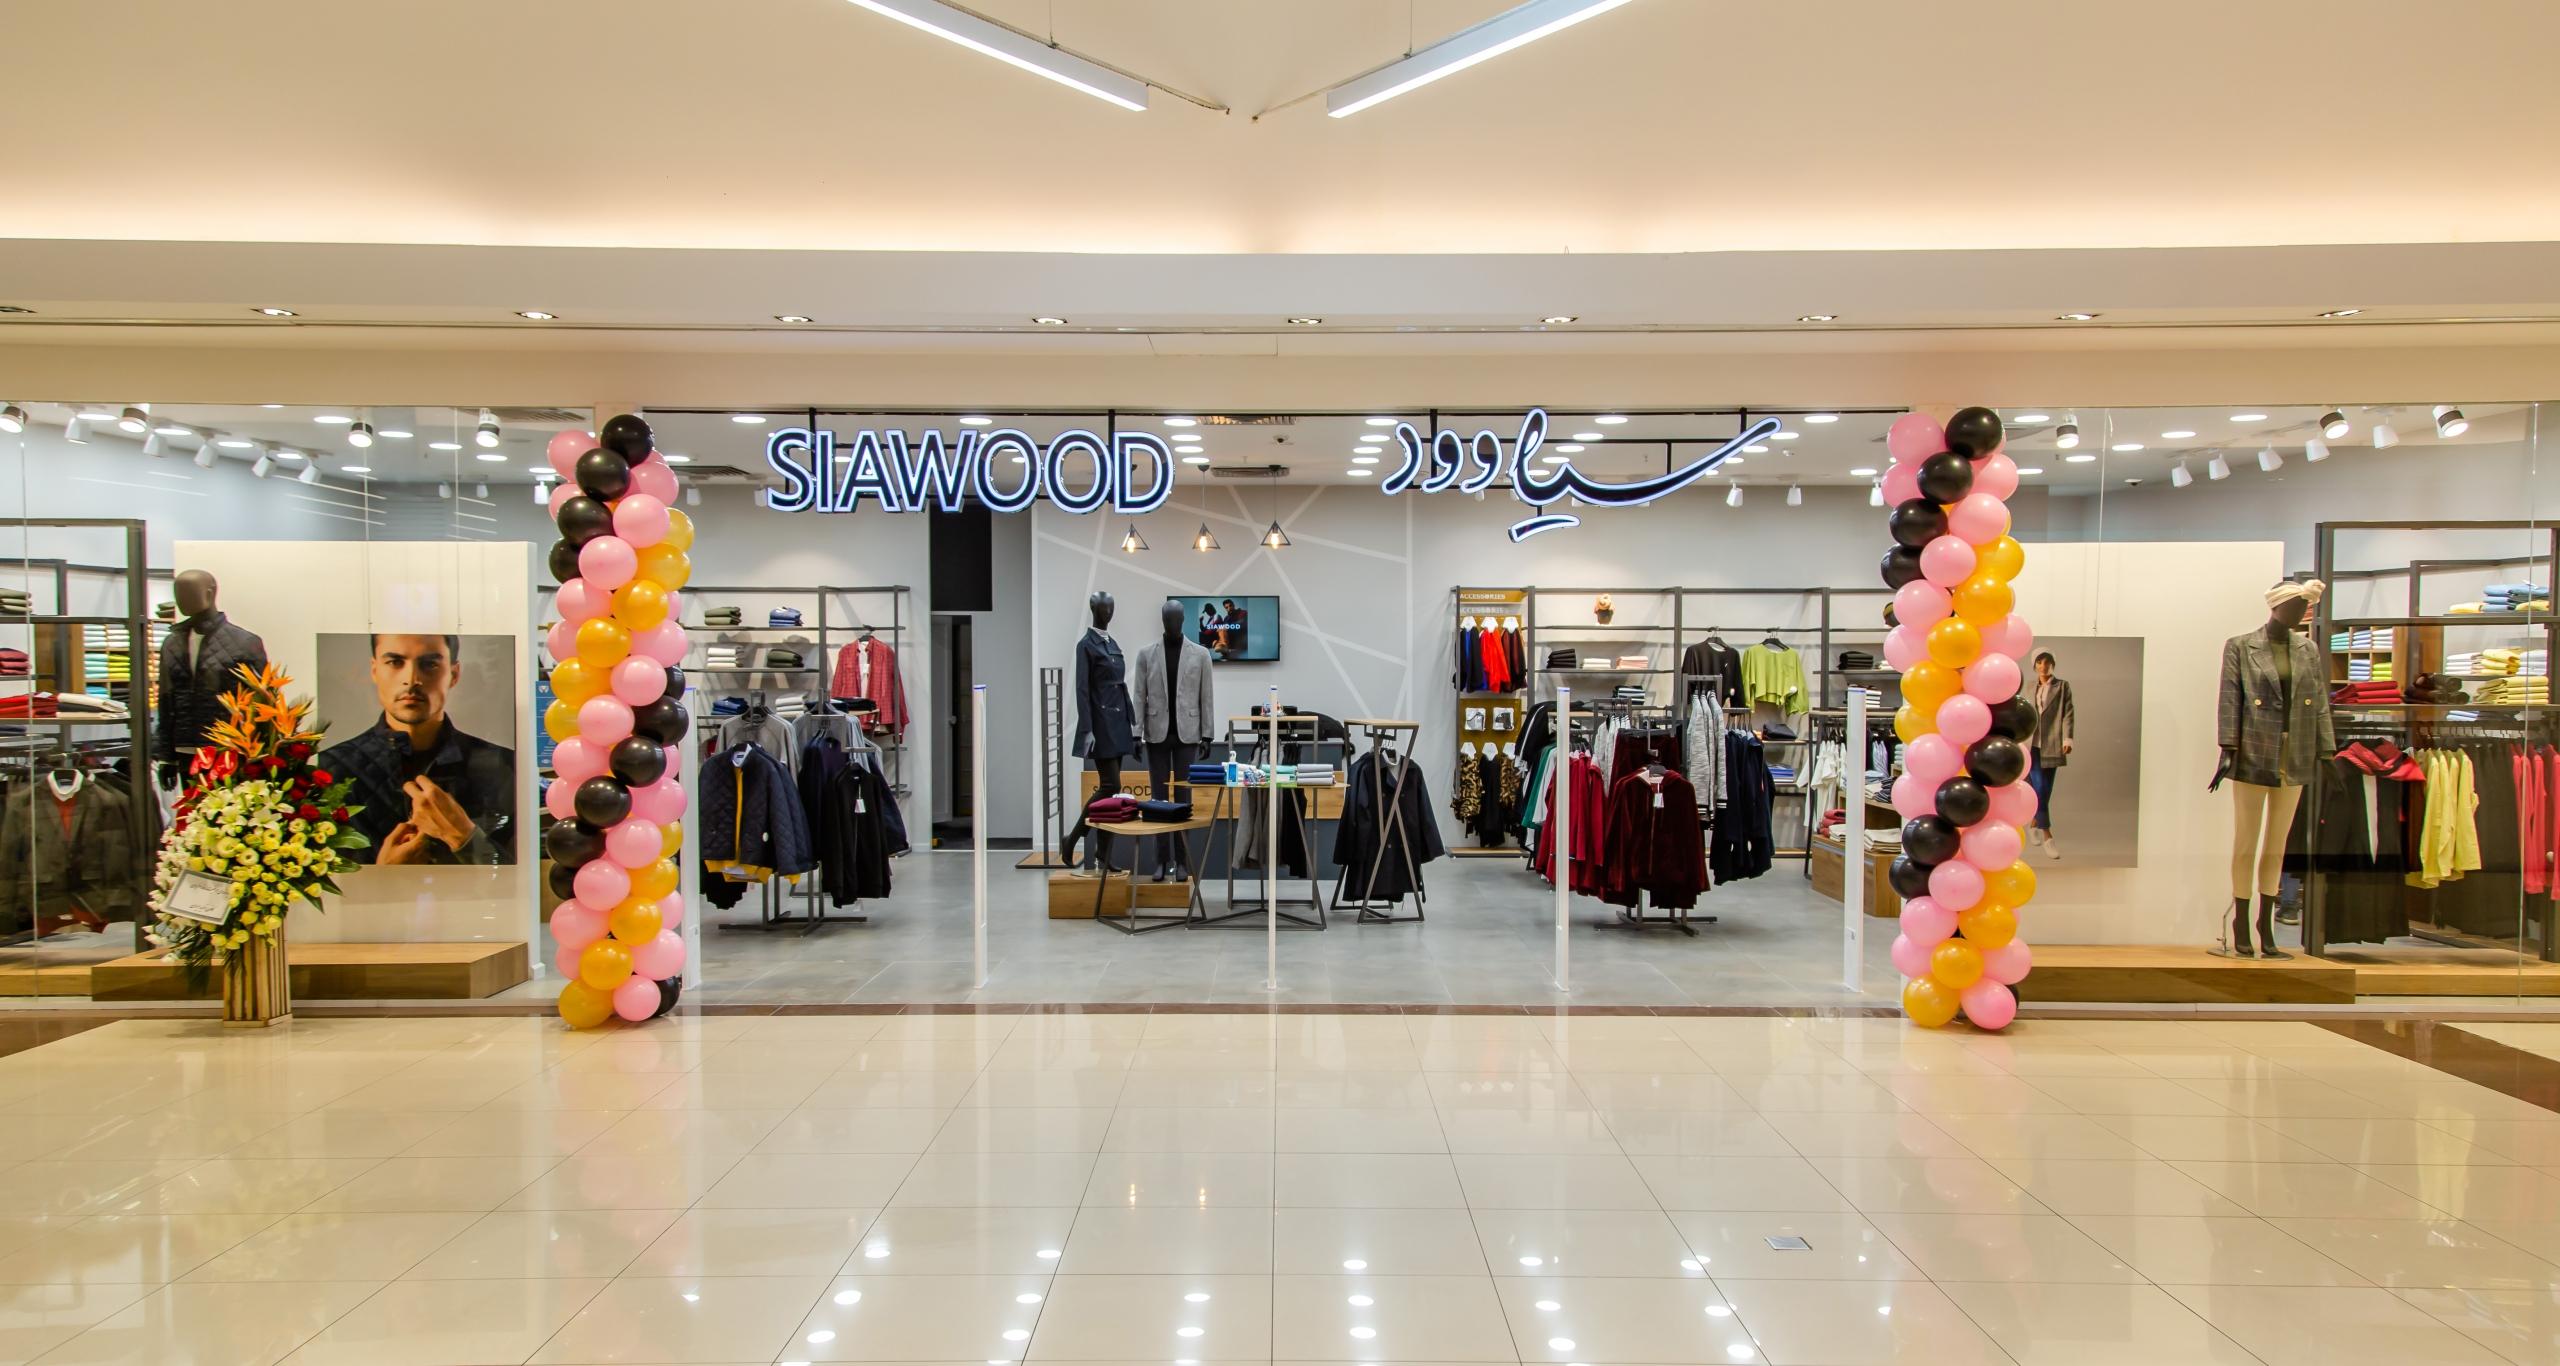 فروشگاههای سیاوود